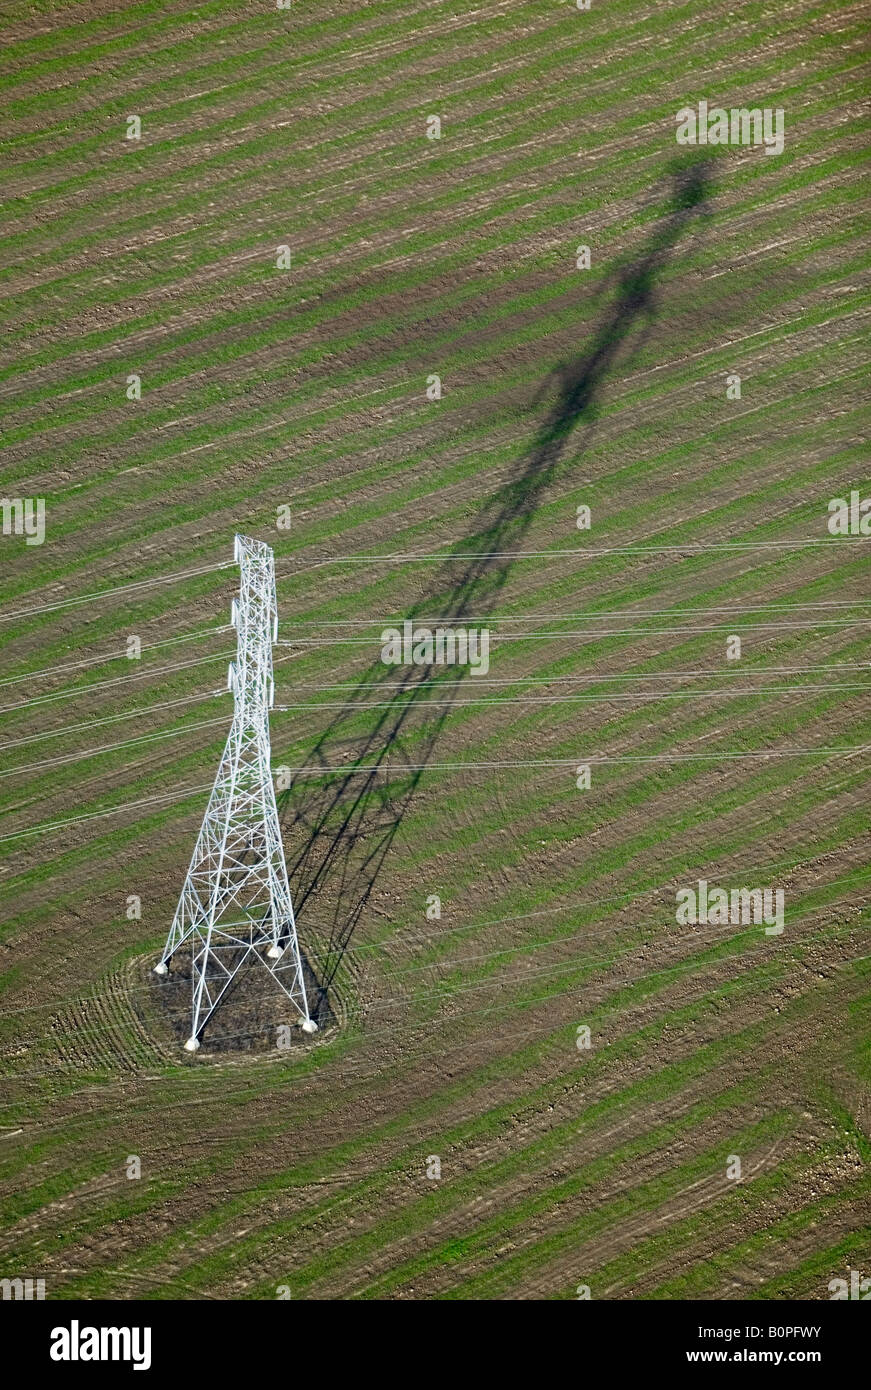 Antenne über ein Strom-Übertragungsleitung wirft einen langen Schatten Stockbild